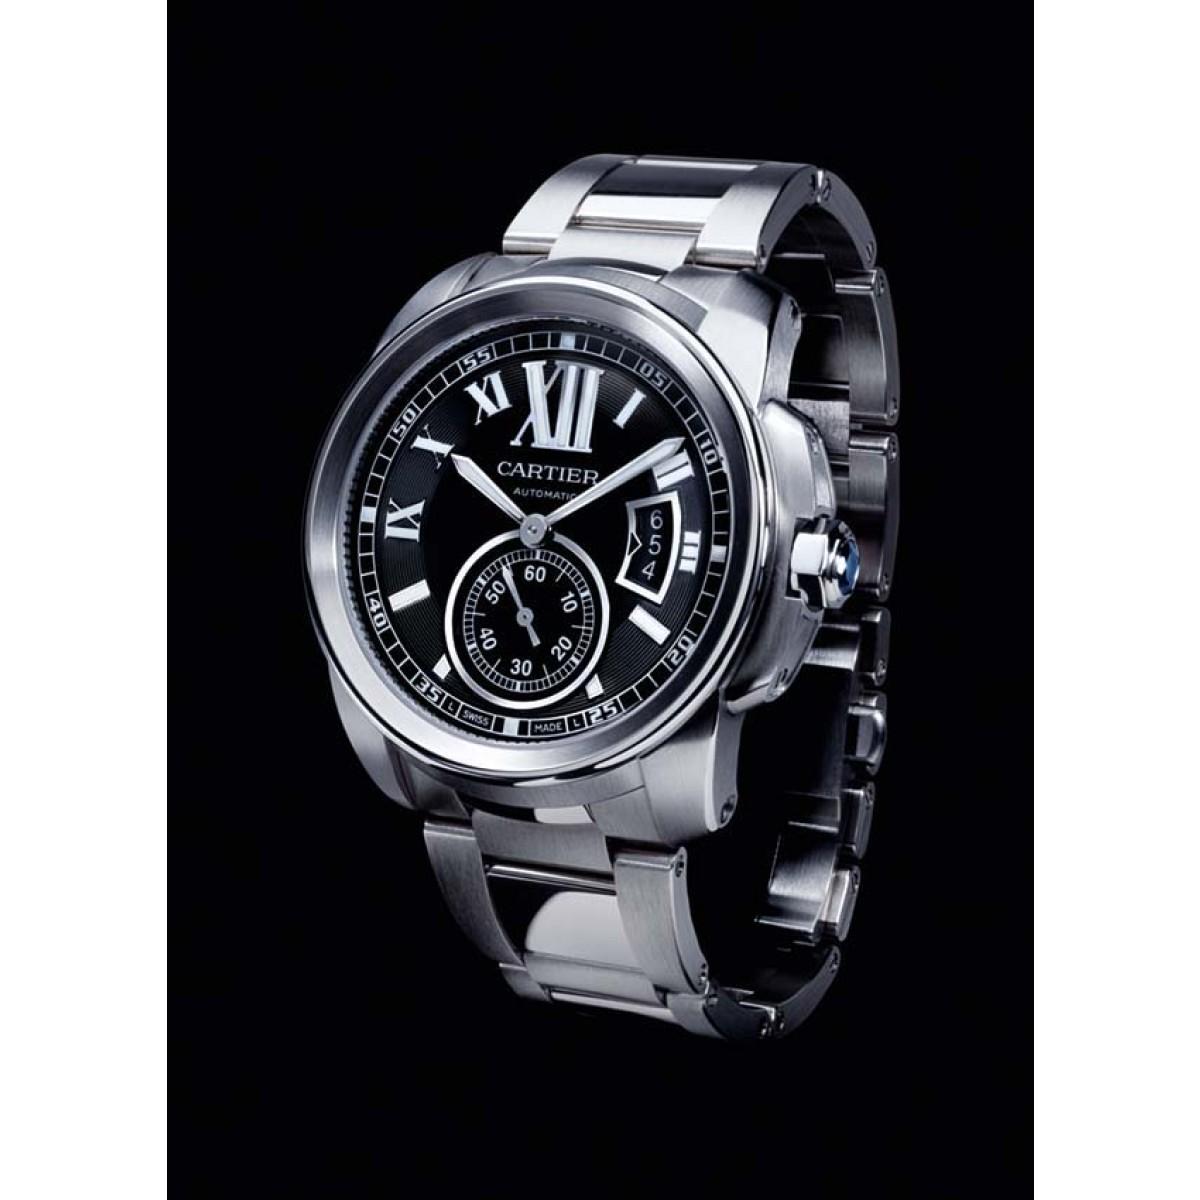 791974126ce Relógio Réplica Cartier Calibre Aço